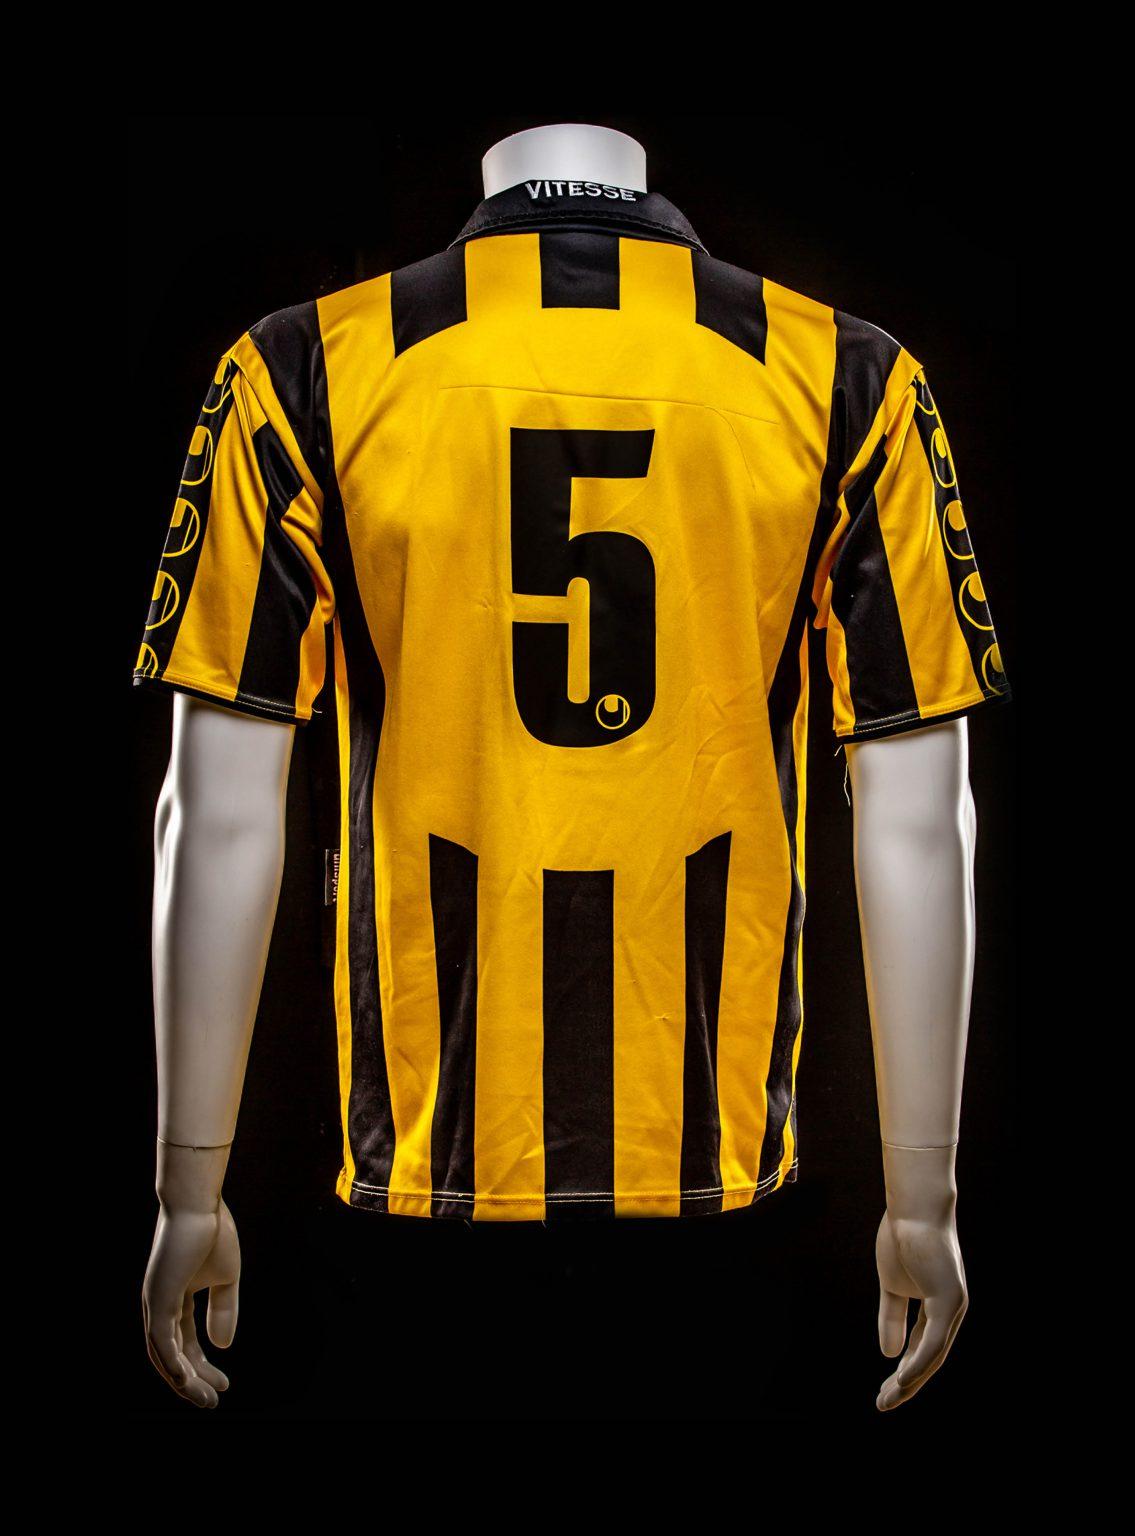 #5 Jeugd Vitesse 2000-2001